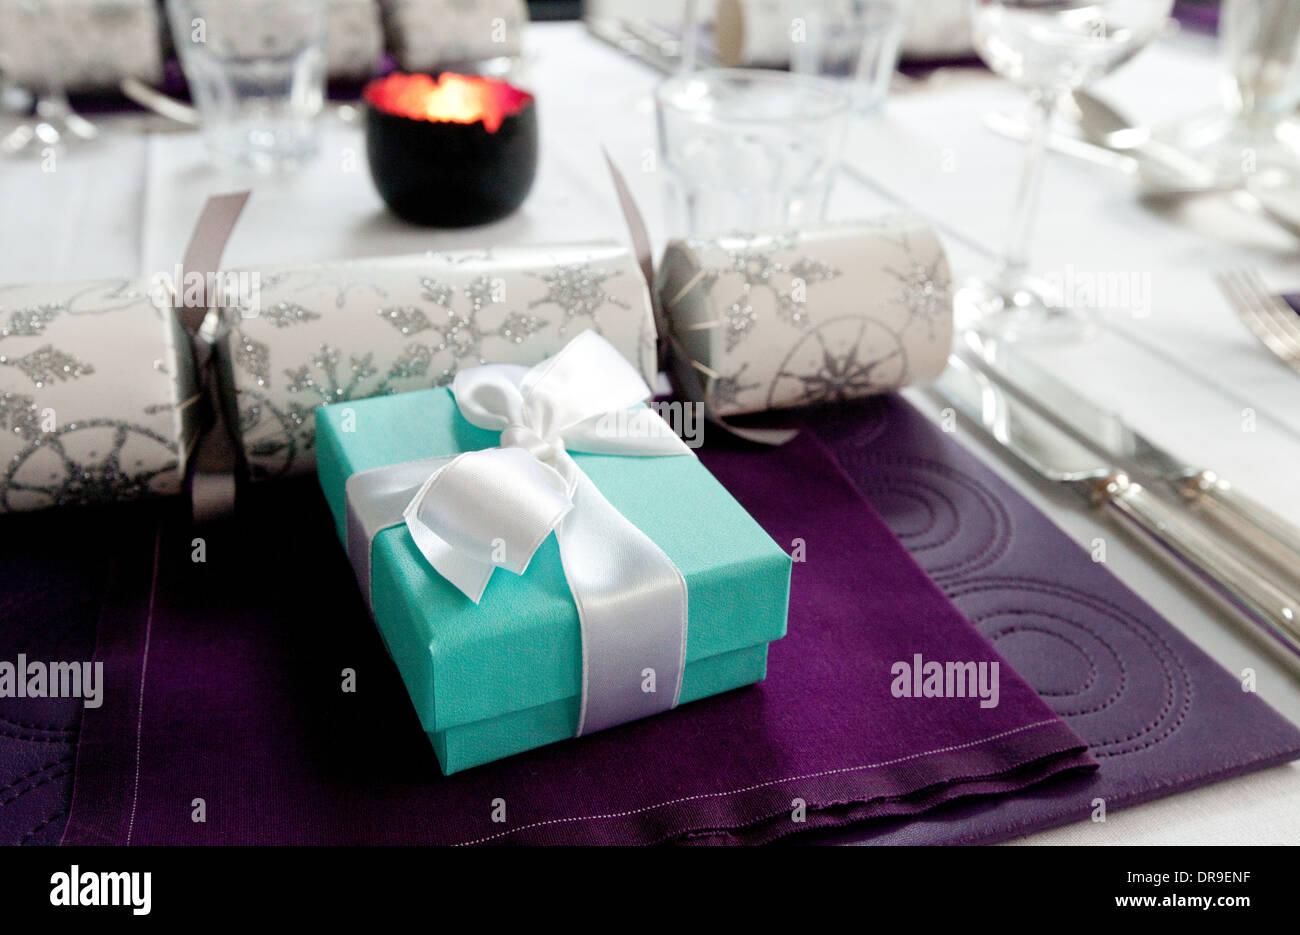 Table de Noël présent présente à ce dîner couvert, UK Photo Stock